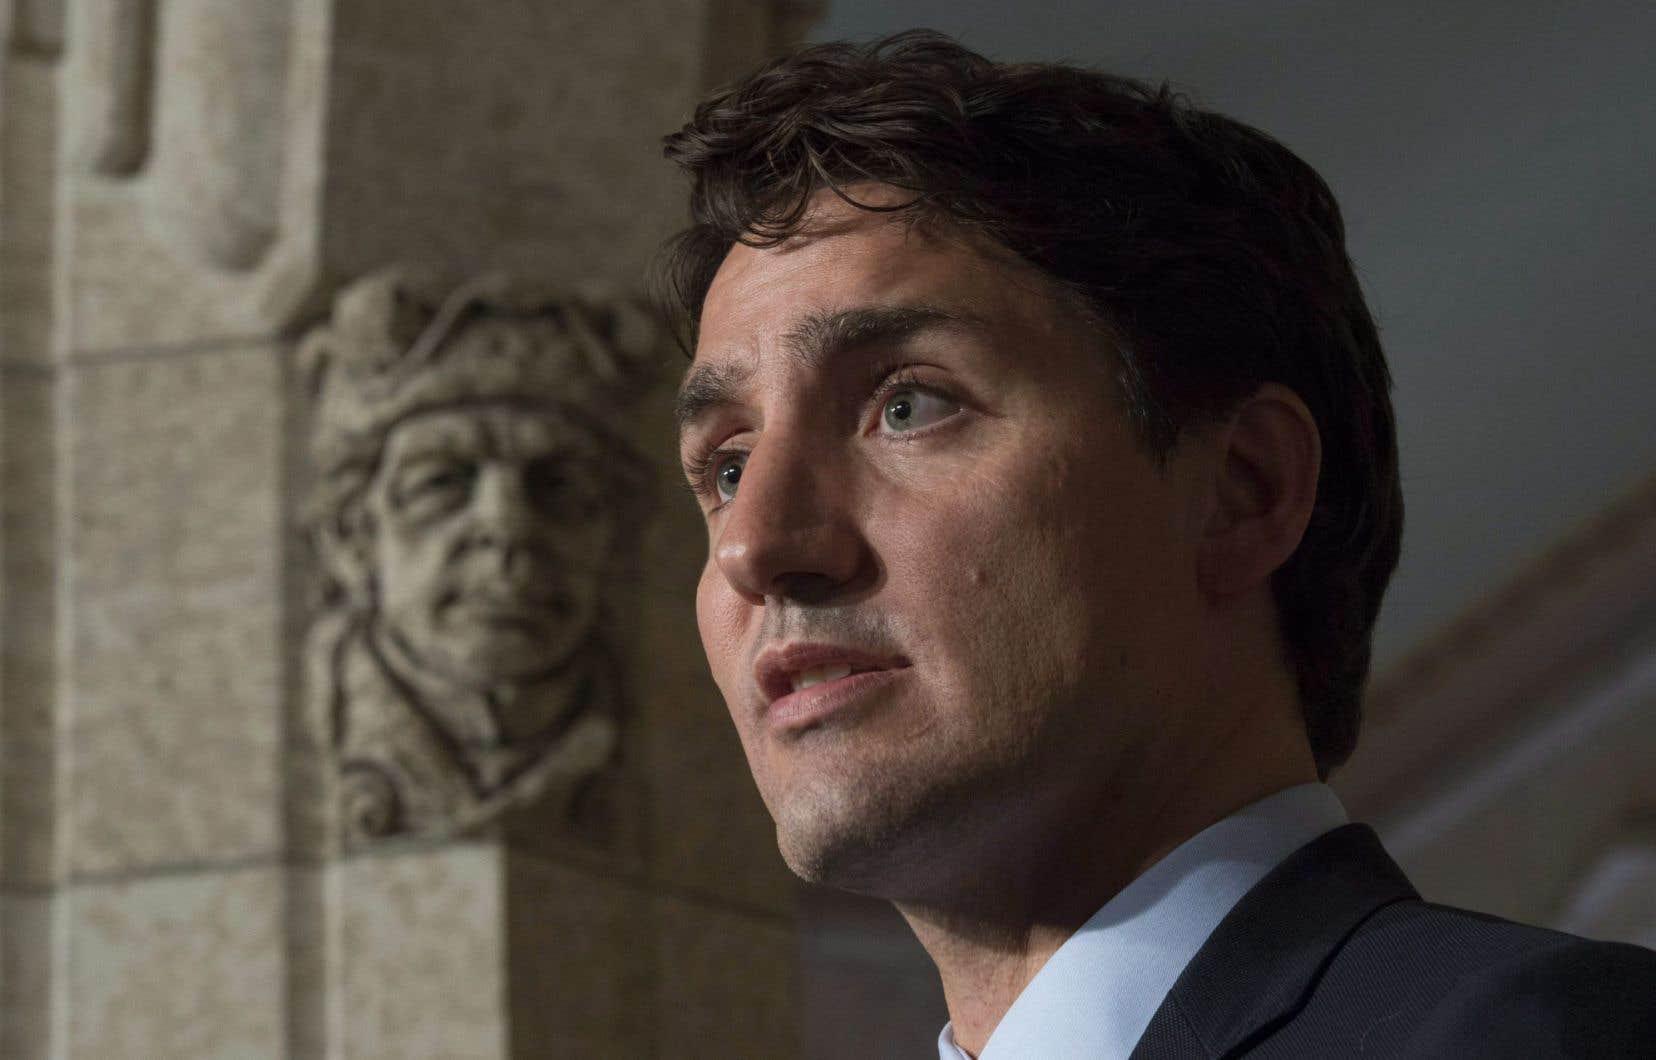 Le premier ministre Justin Trudeau est l'hôte de l'événement de deux jours auquel participeront notamment le secrétaire général des Nations unies Ban Ki-moon, la vedette du rock Bono ainsi que le milliardaire philanthrope Bill Gates.